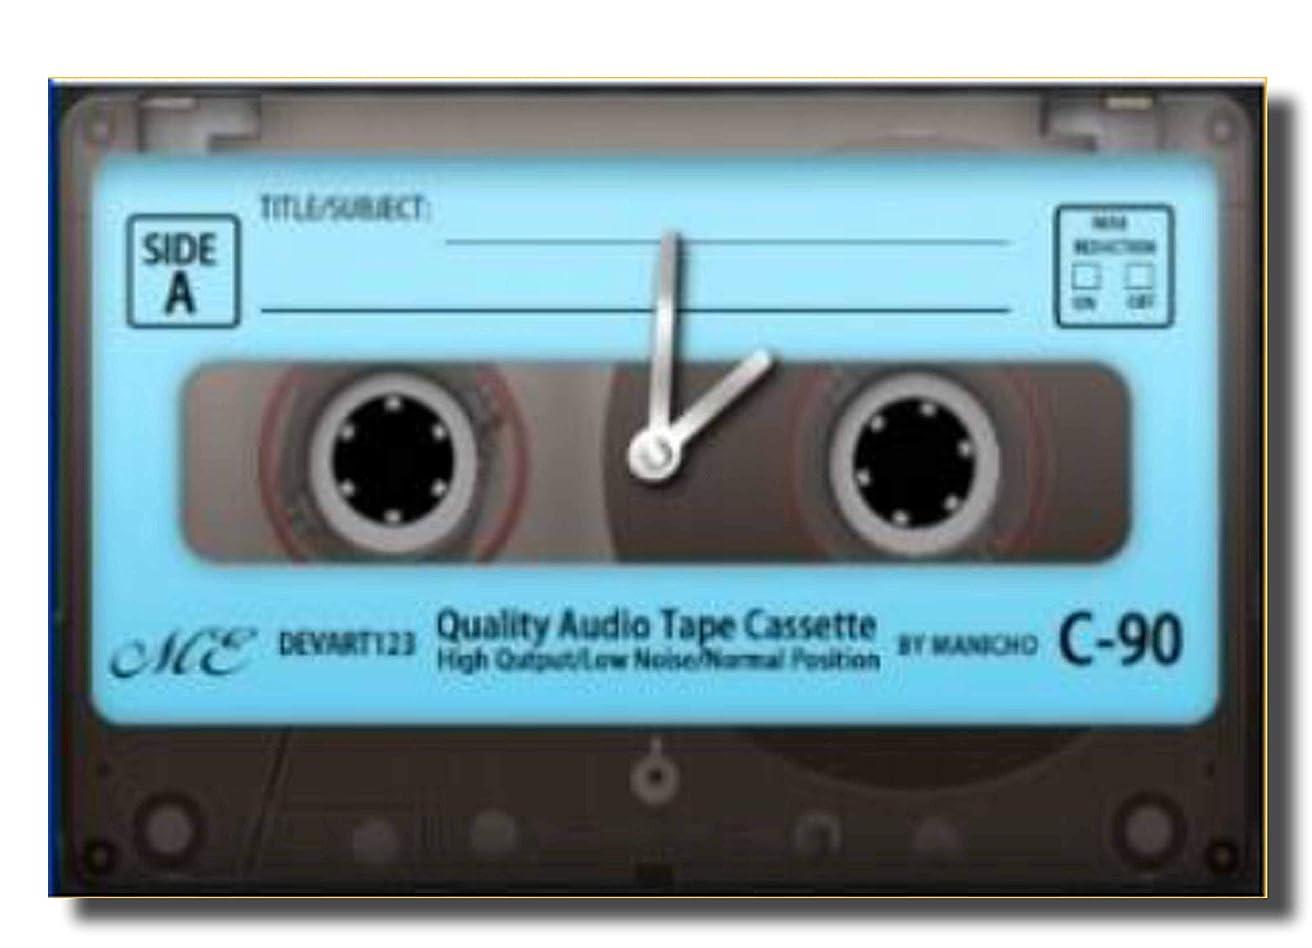 写真撮影間欠イサカ丸和貿易 置き時計 おしゃれ アナログ 80'Sクロック カセットテープ ブルー